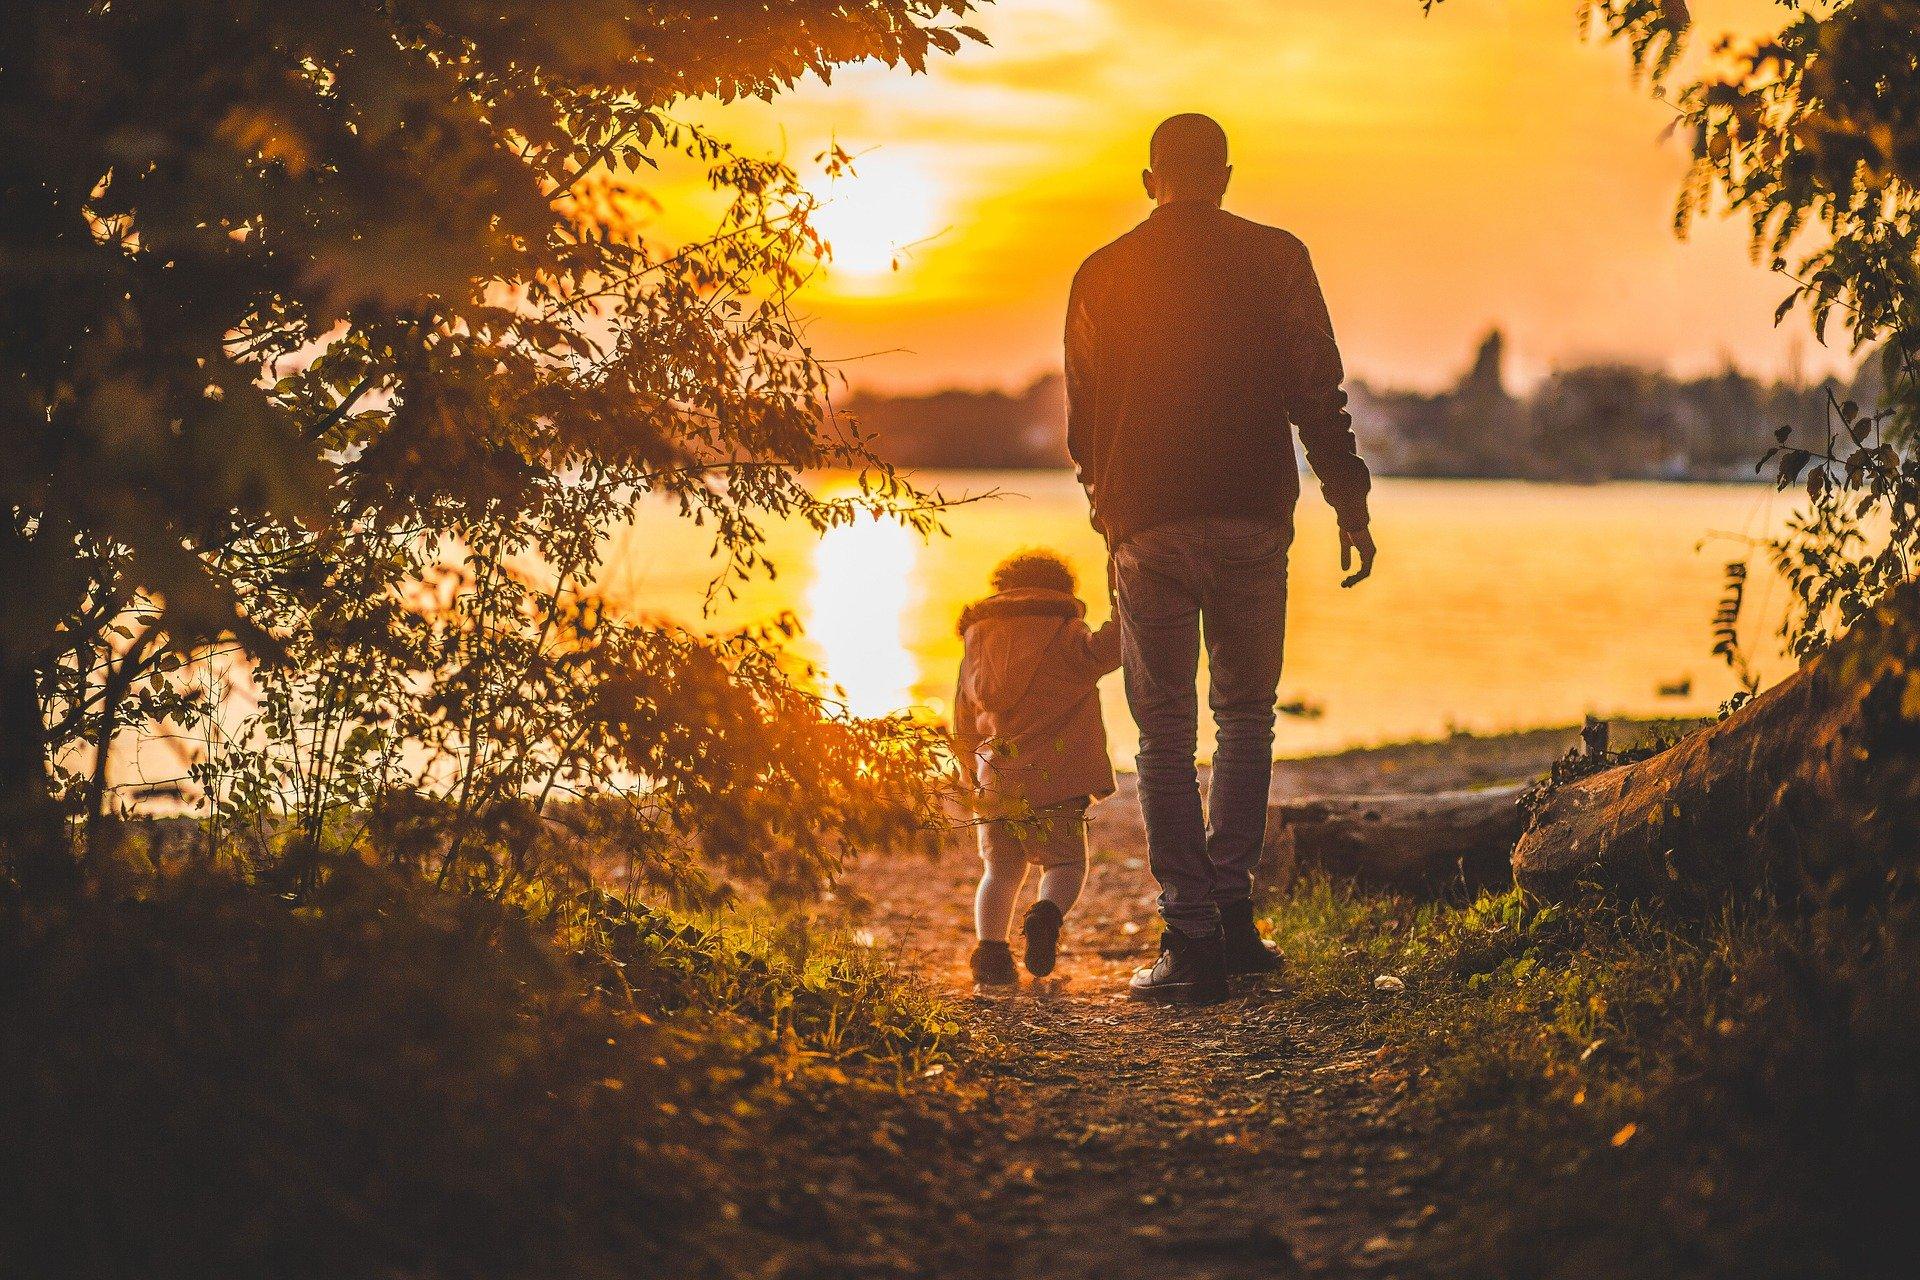 Escursione al tramonto per famiglie